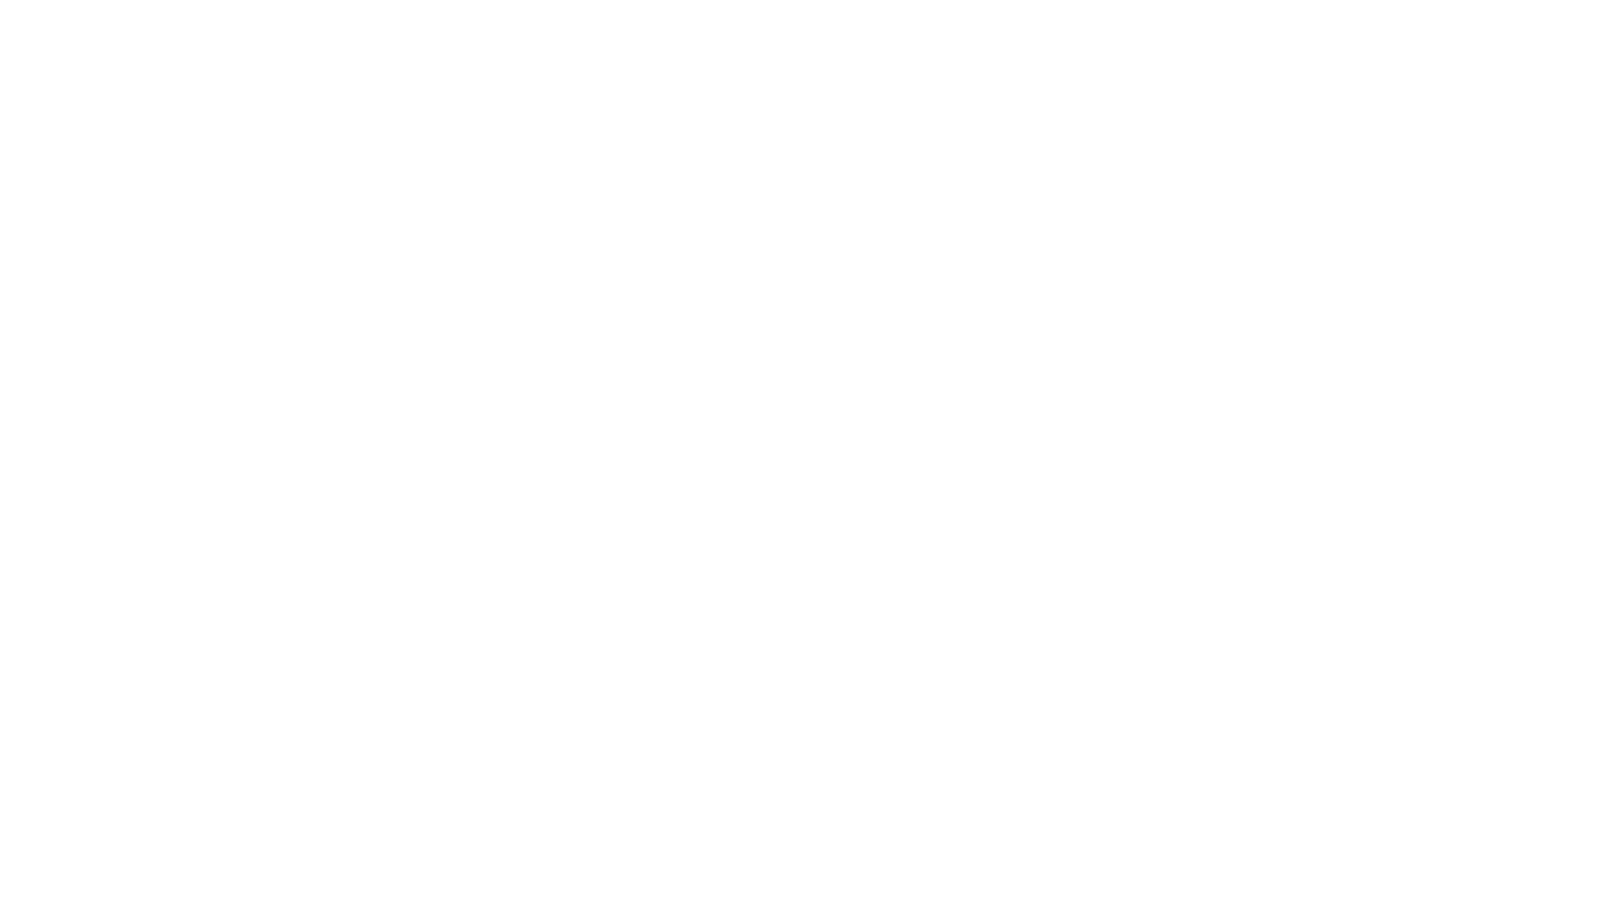 Porque nunca es temprano para tener un Seguro de Vida que te mantenga protegido, presentamos nuestra nueva Línea Joven Allianz, un seguro de vida diseñado especialmente para ti.  Sabemos que quieres conocerlo por eso escríbele a #LU y ella estará feliz de darte toda la información para que desde ya vivas protegido.  Línea #LU 📞 318 569 01 39, y comienza tu afiliación hoy mismo